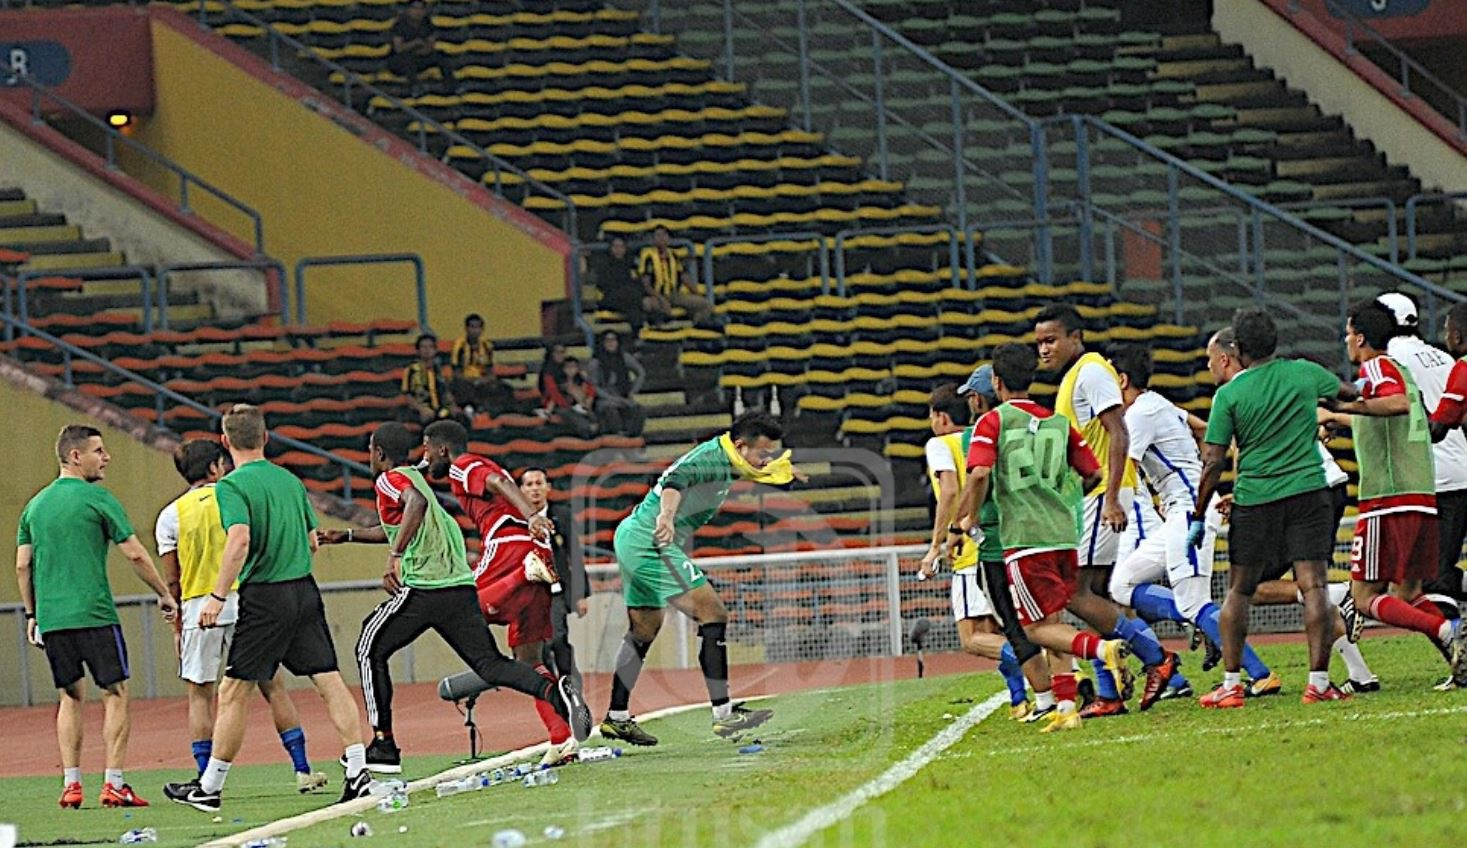 Chấn động trước thềm ASIAD: Olympic Malaysia hỗn chiến với Olympic UAE trong trận cầu xấu xí - Ảnh 3.